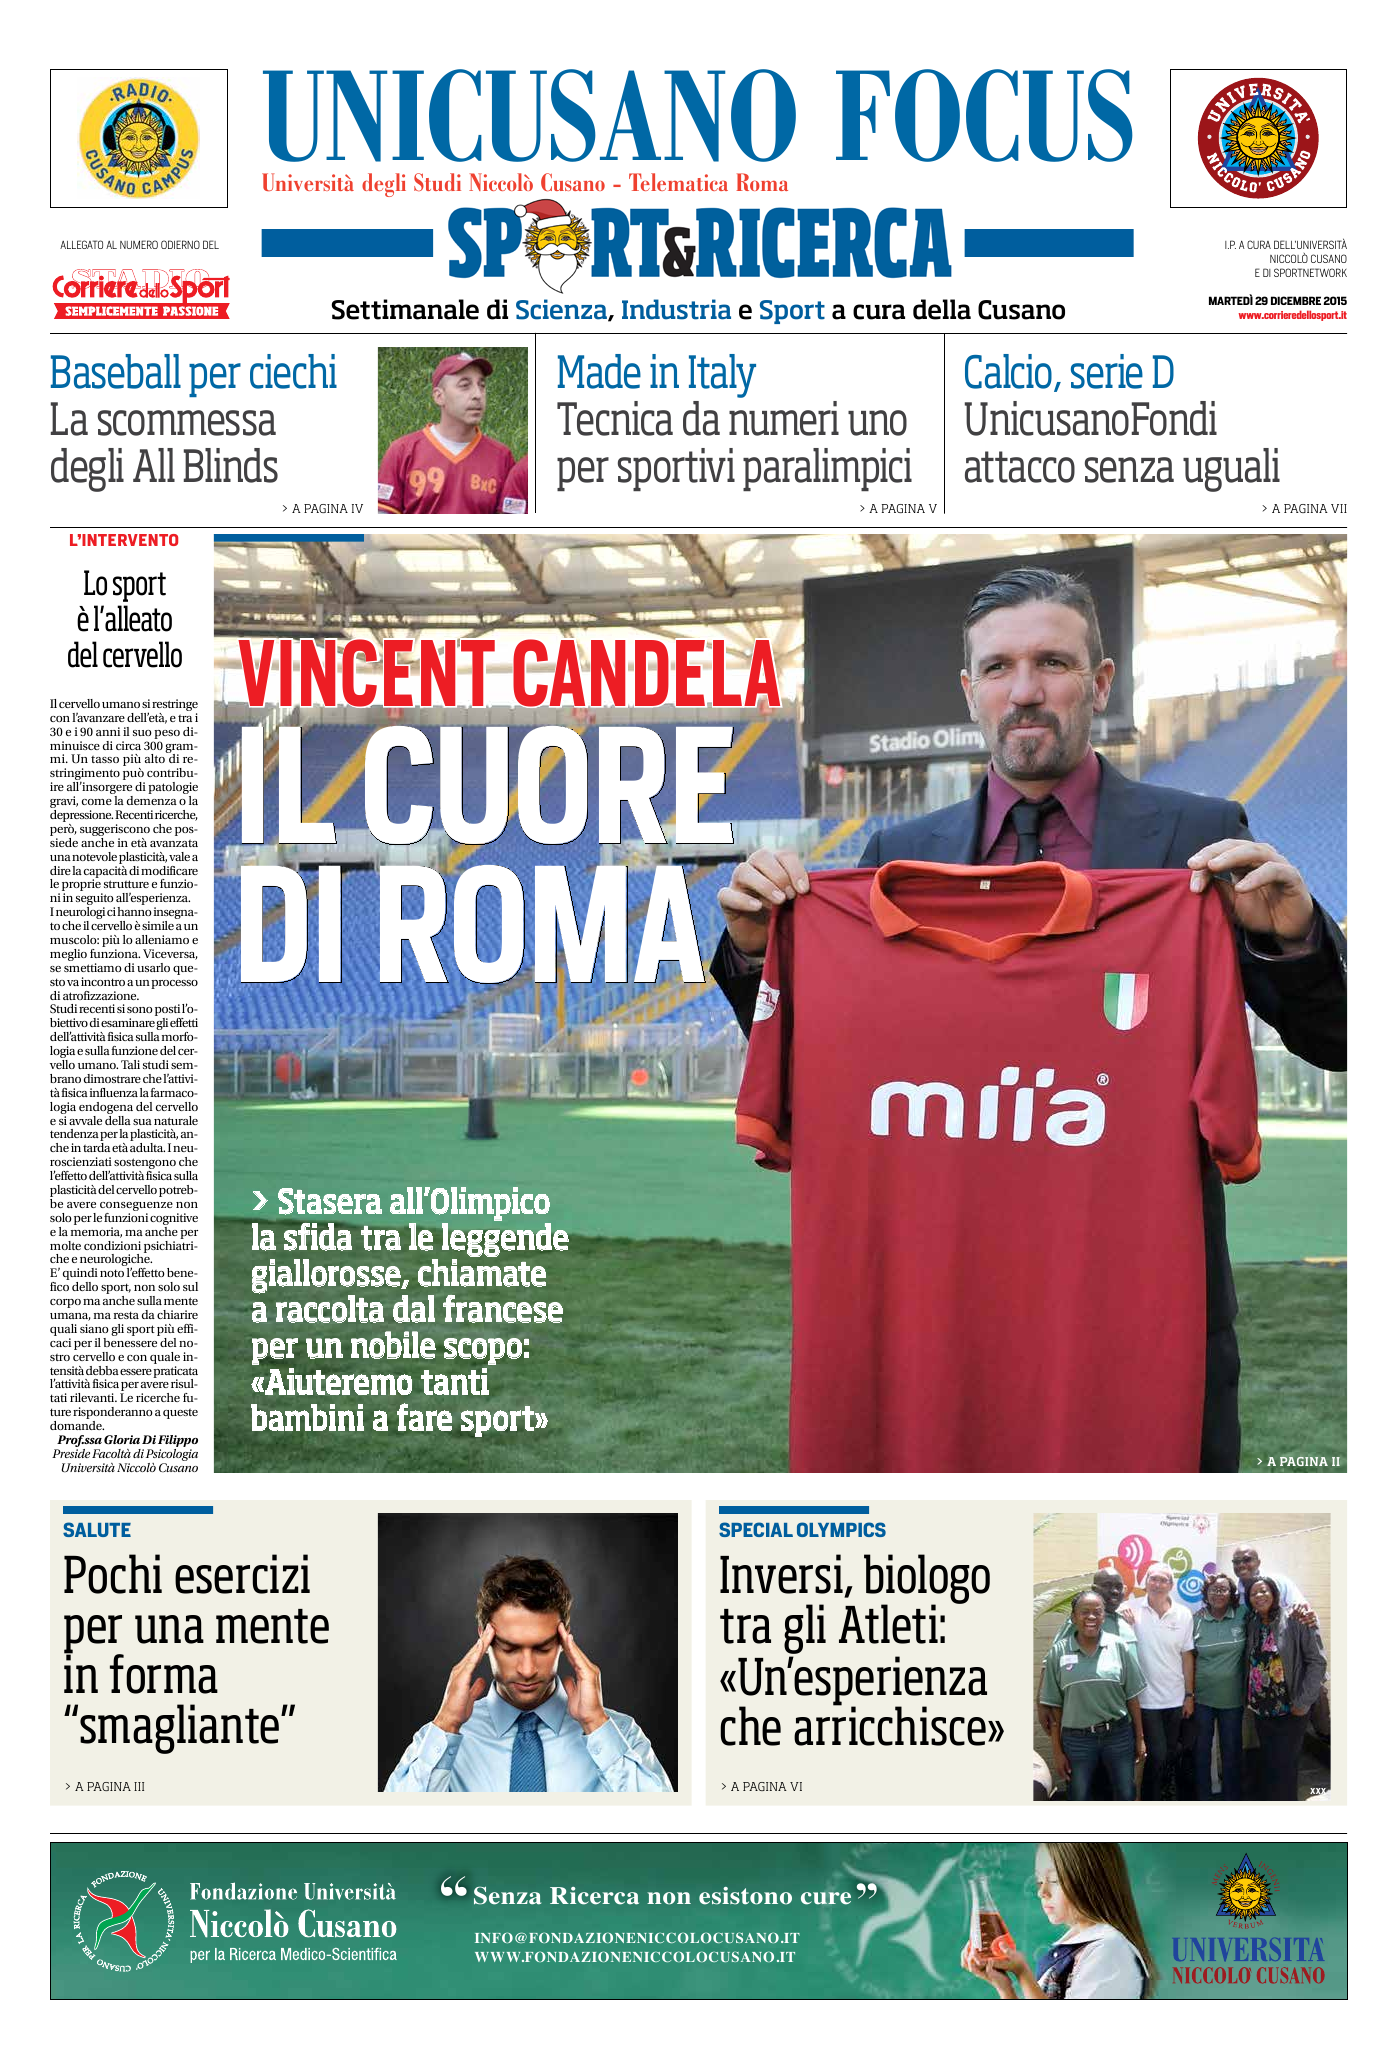 Unicusano Focus Sport&Ricerca: la prima pagina del 29 dicembre 2015